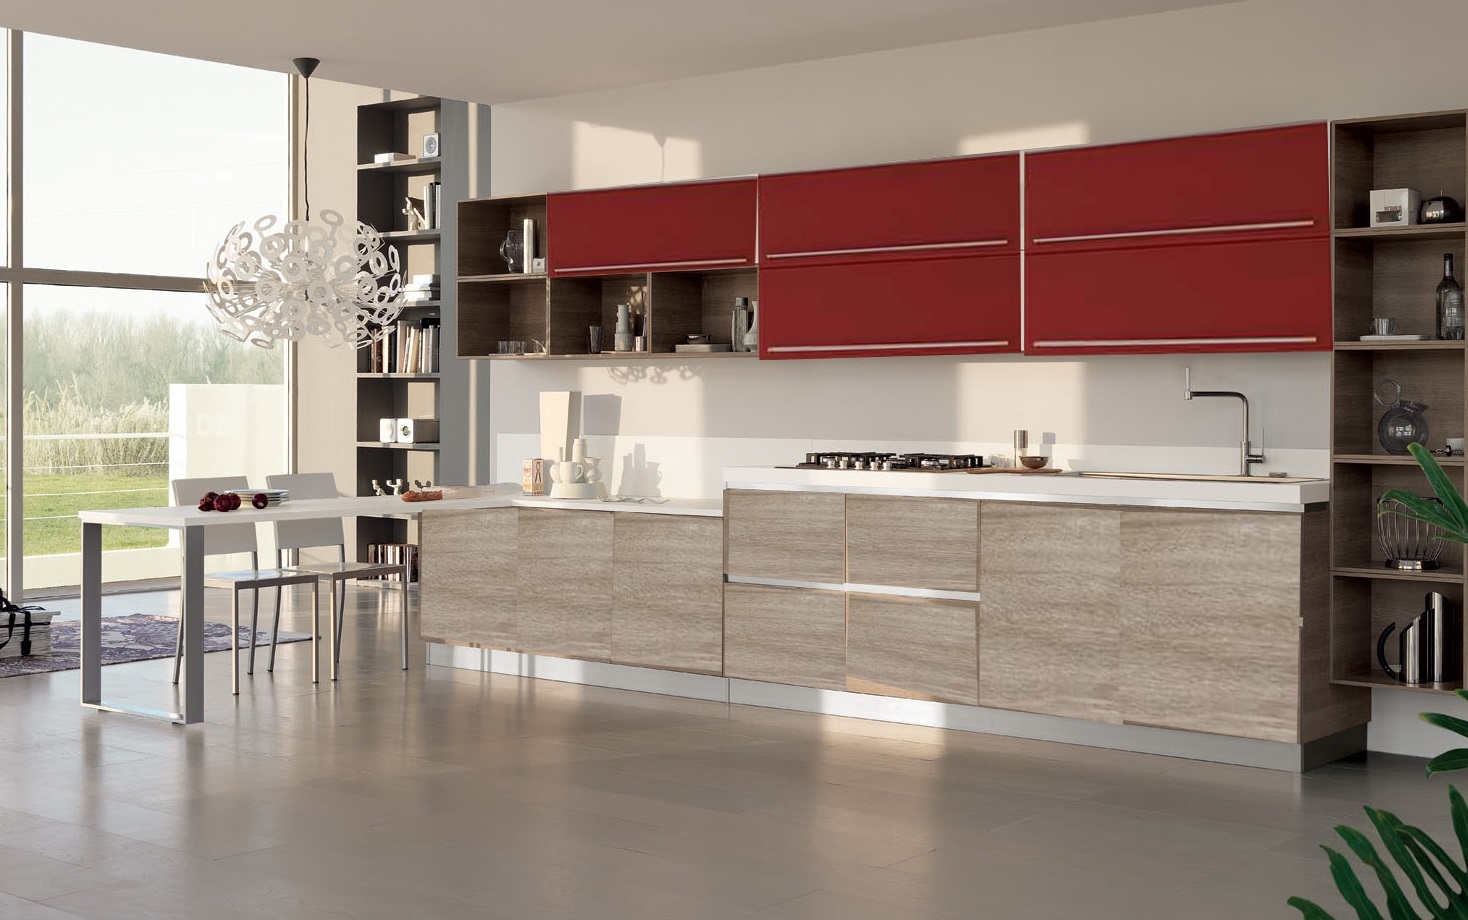 cucina essenza prezzo outlet rossa e beige in offerta con piano ...